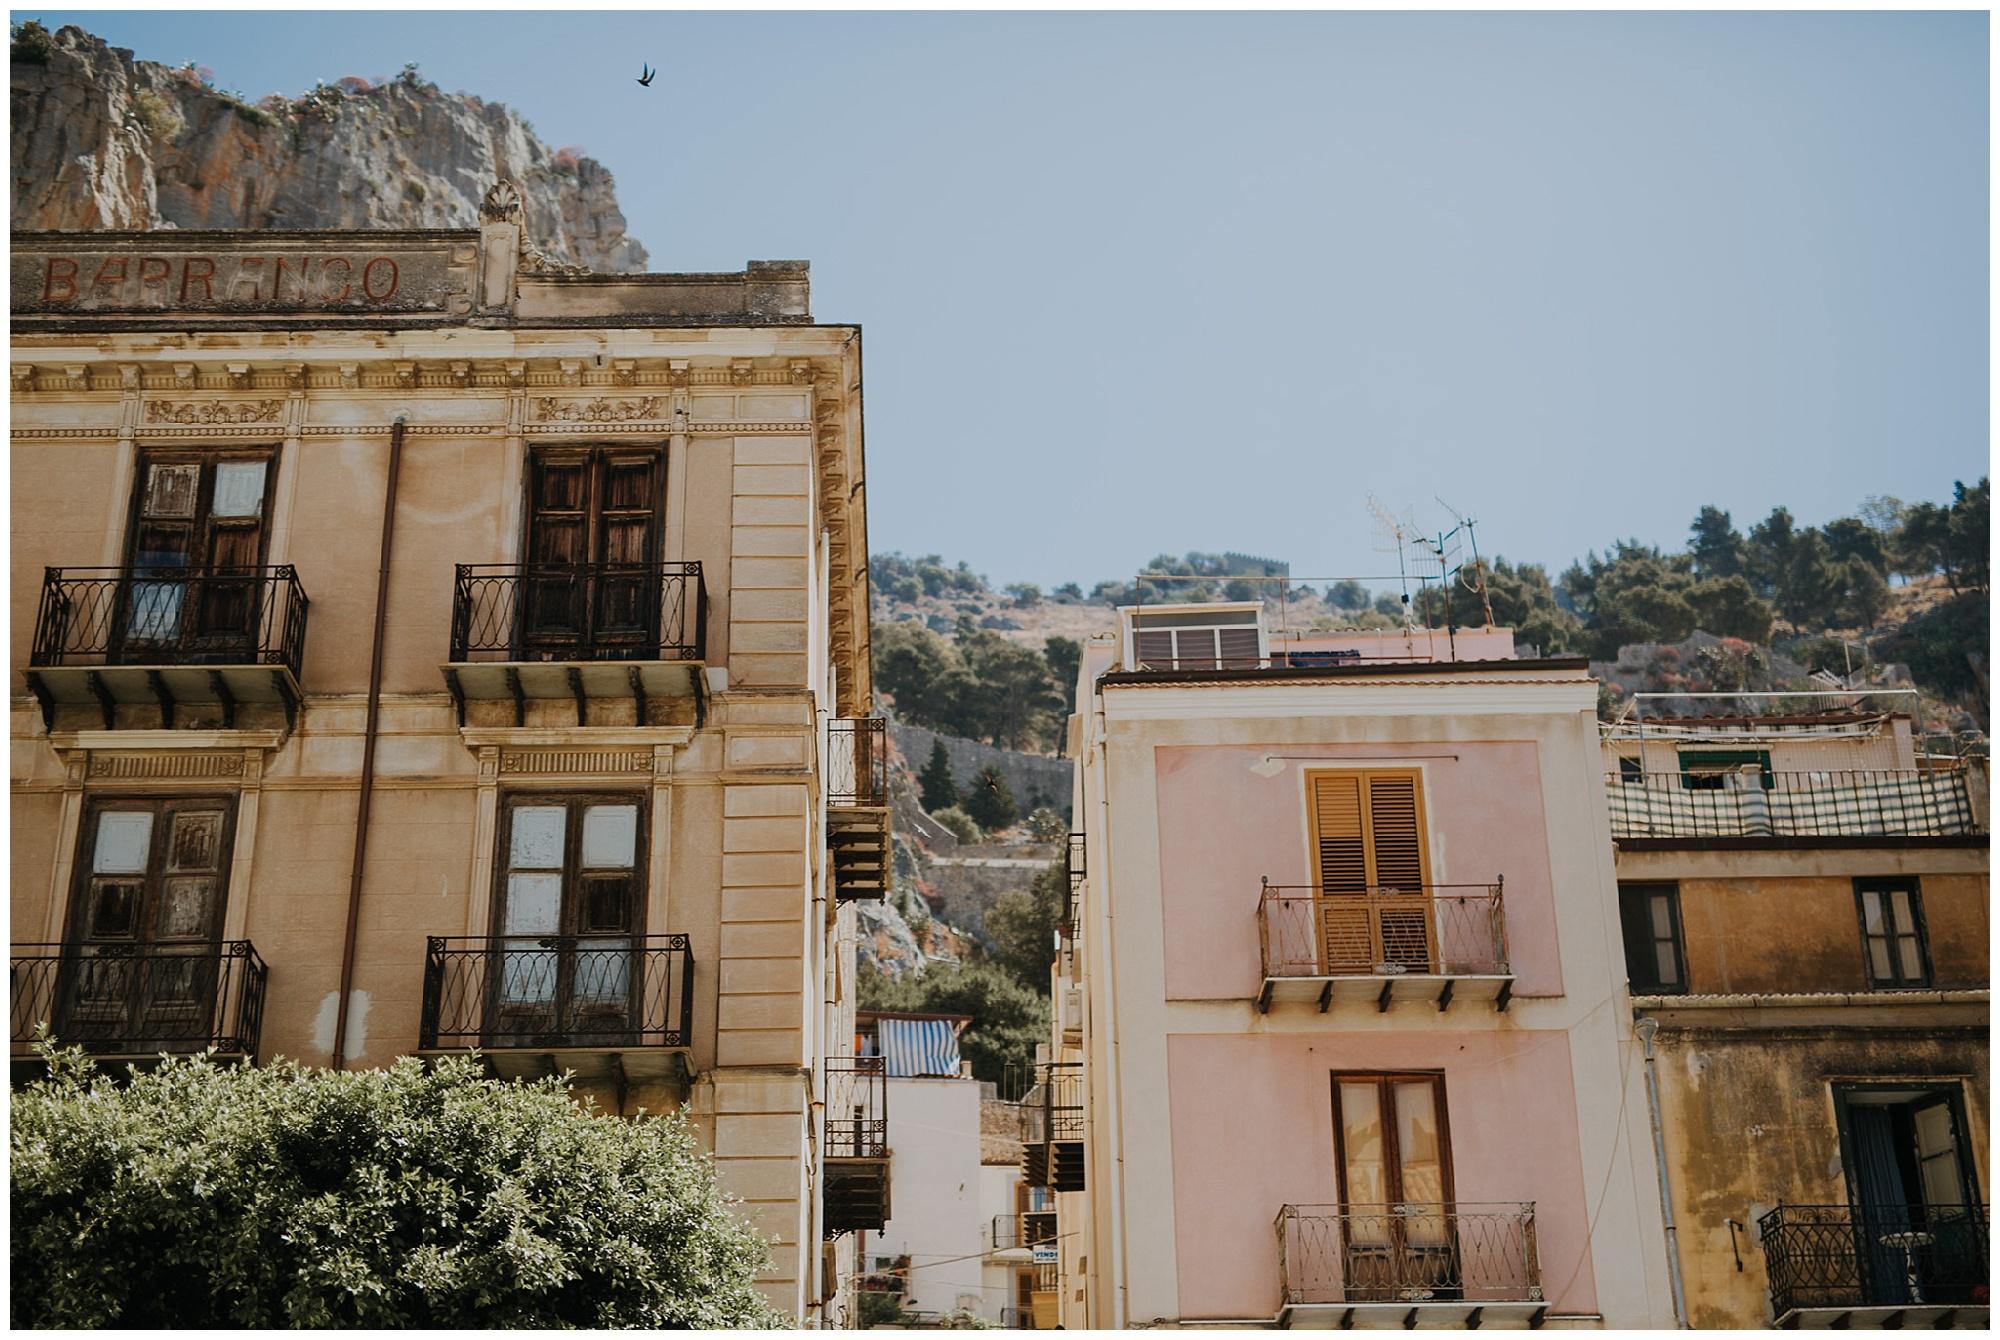 the buildings of cefalu